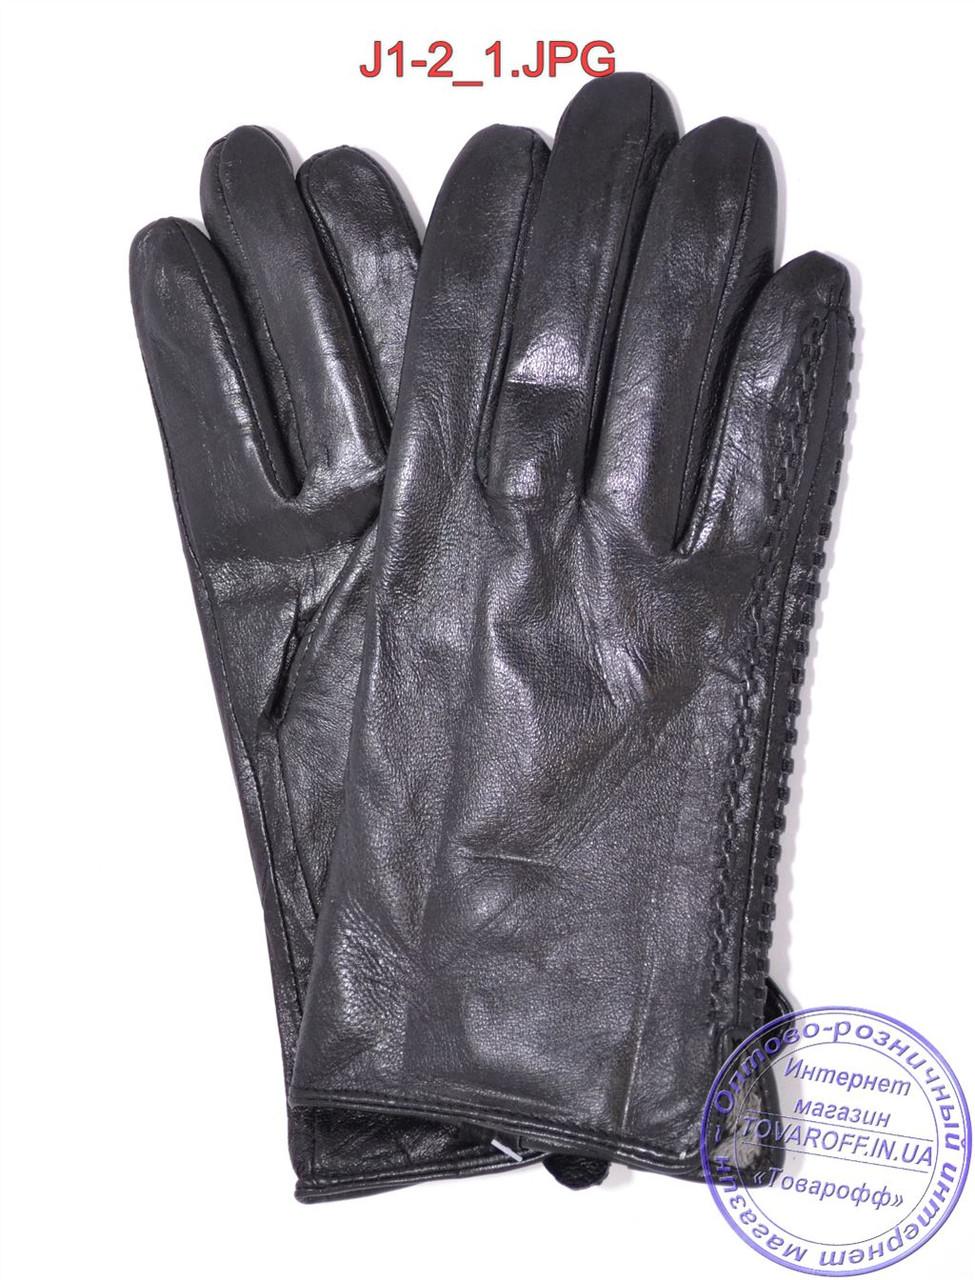 Подростковые кожаные перчатки с плюшевой подкладкой  - №J1-2